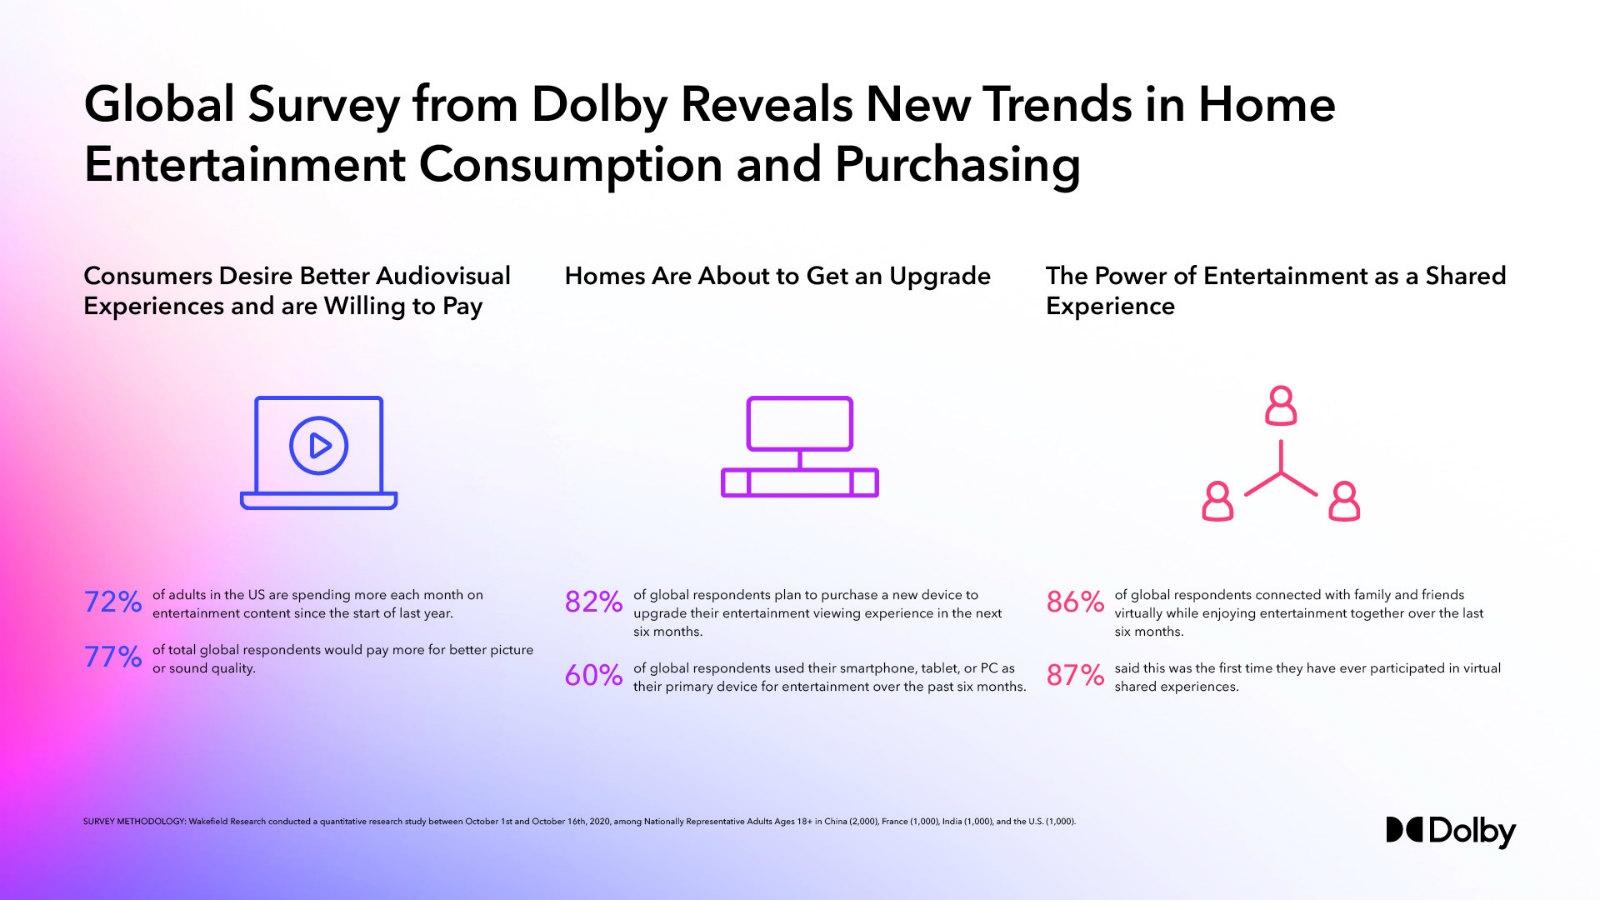 Dolby研究所の世界視聴者調査 「ドルビーサミット」で明らかにした。